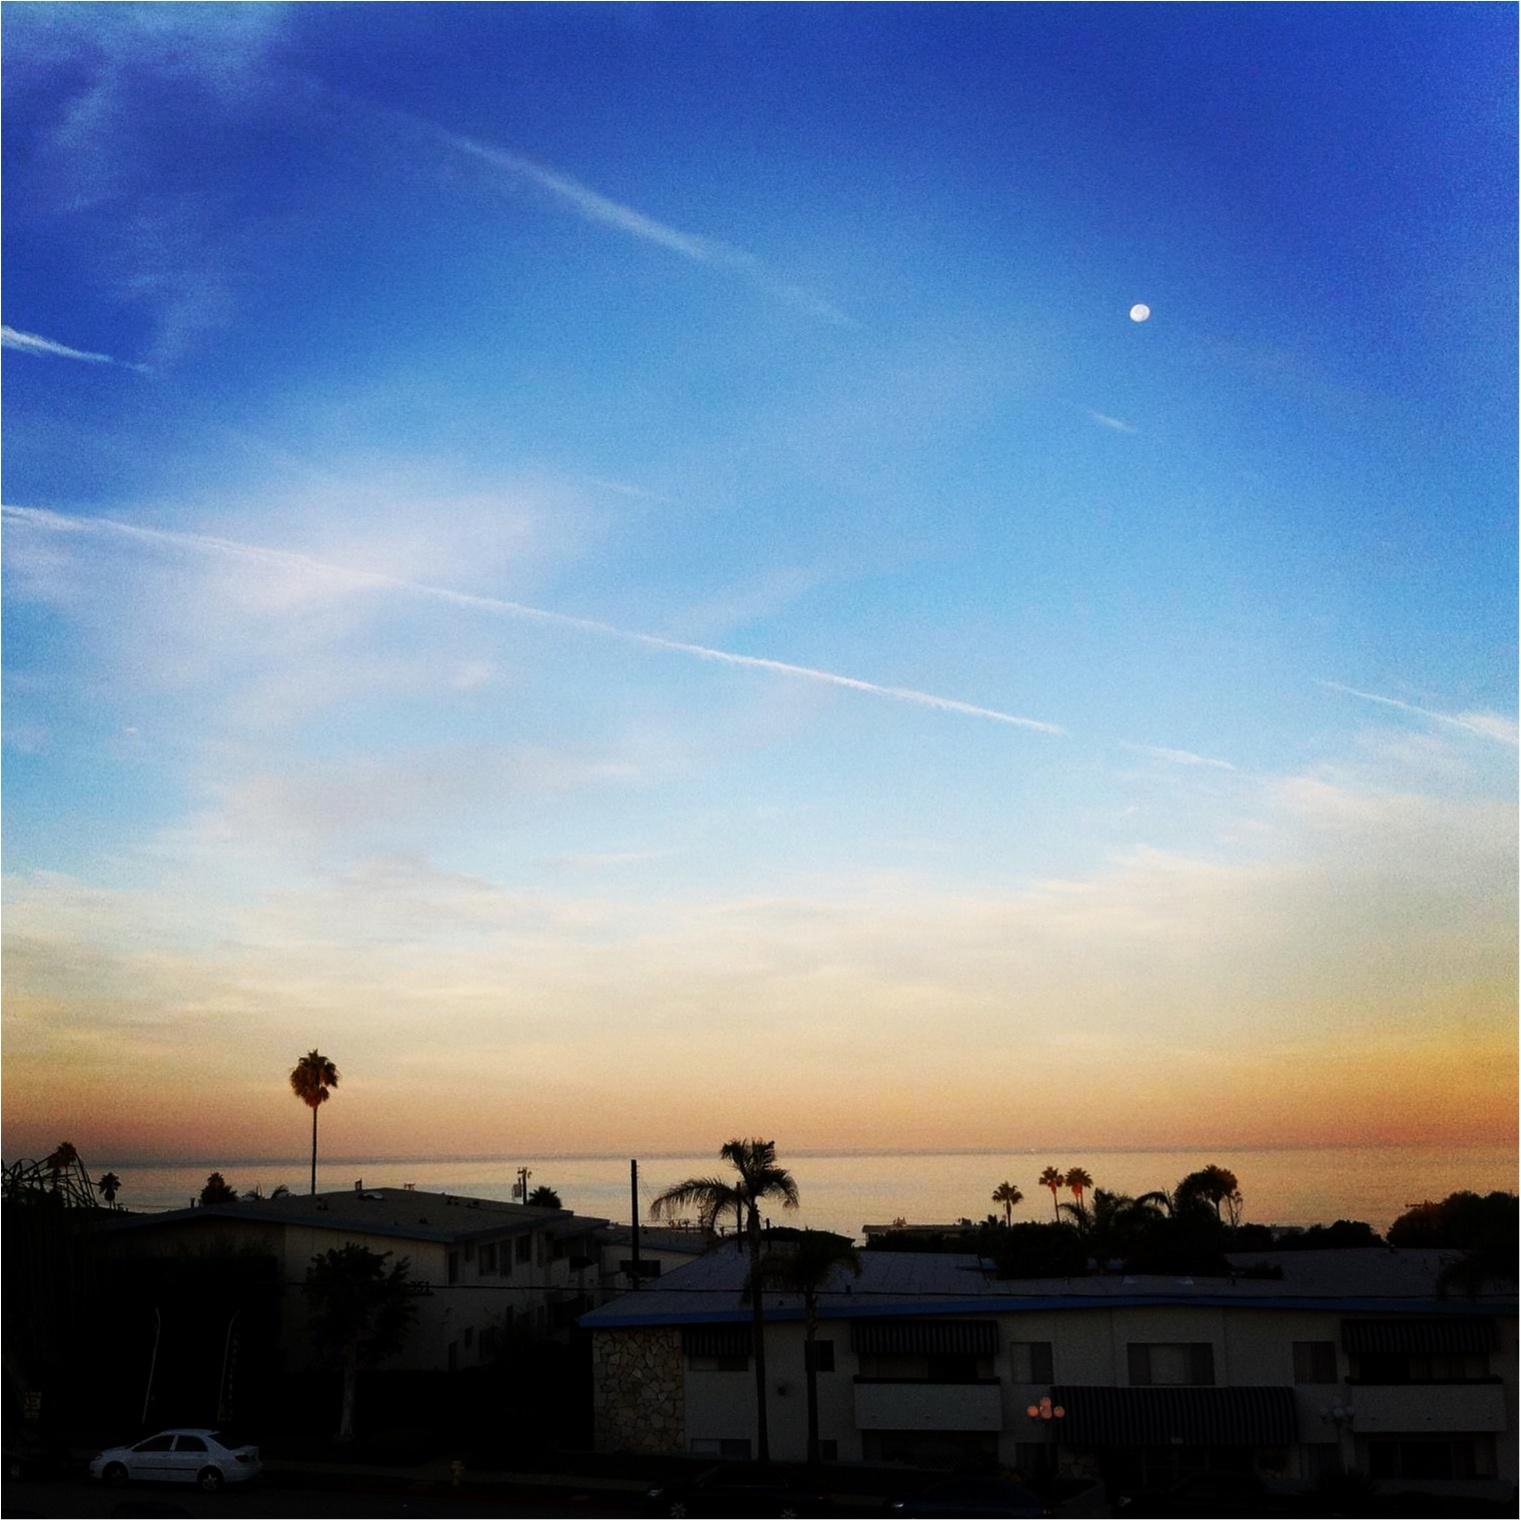 【*最近の空の写真*】_1